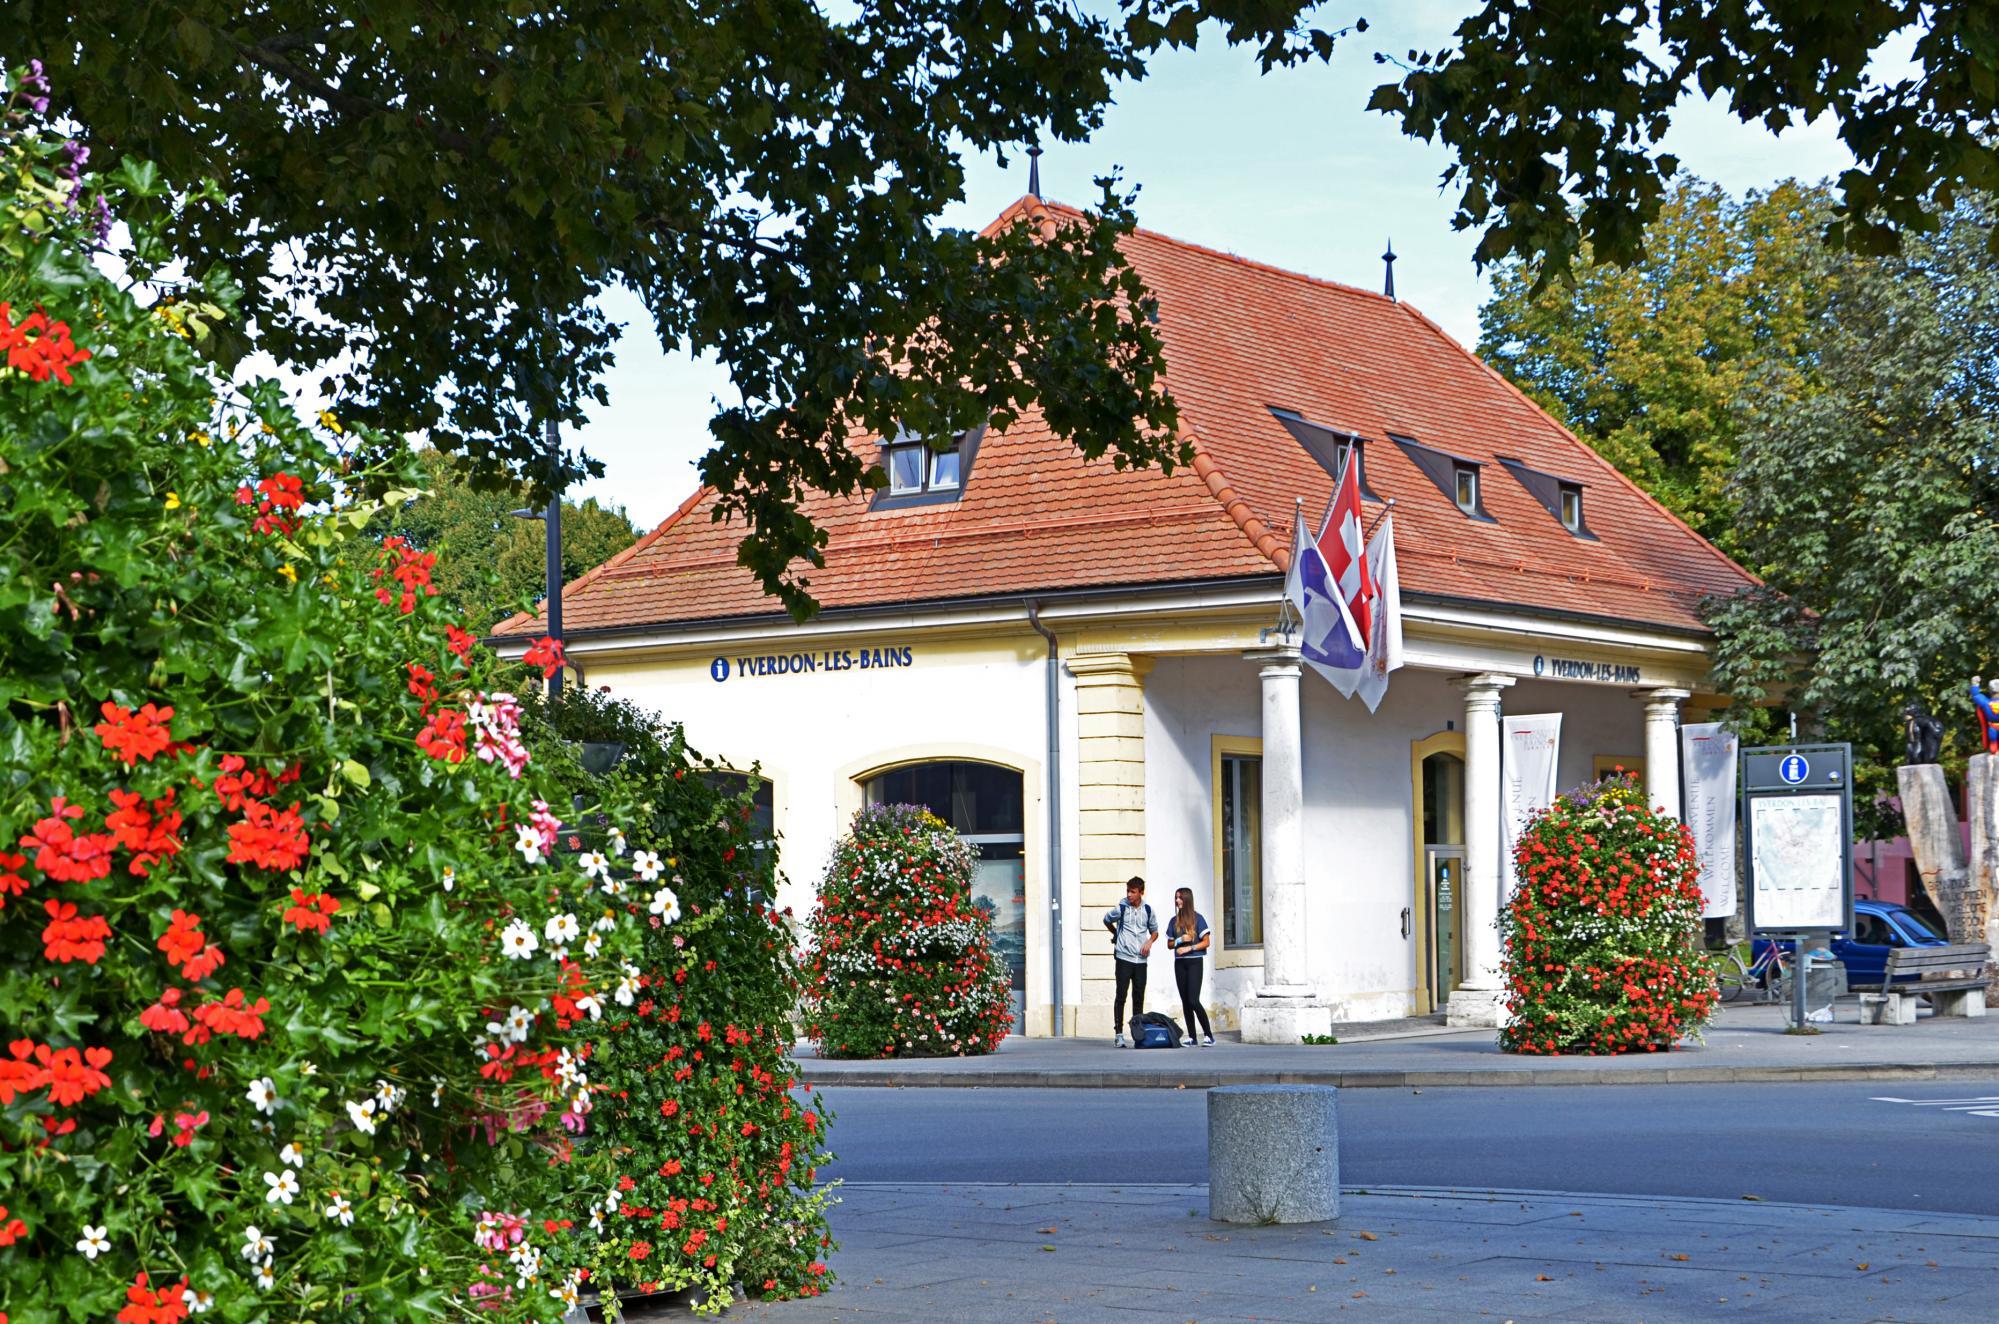 Office du tourisme d 39 yverdon les bains - Office de tourisme luxeuil les bains ...